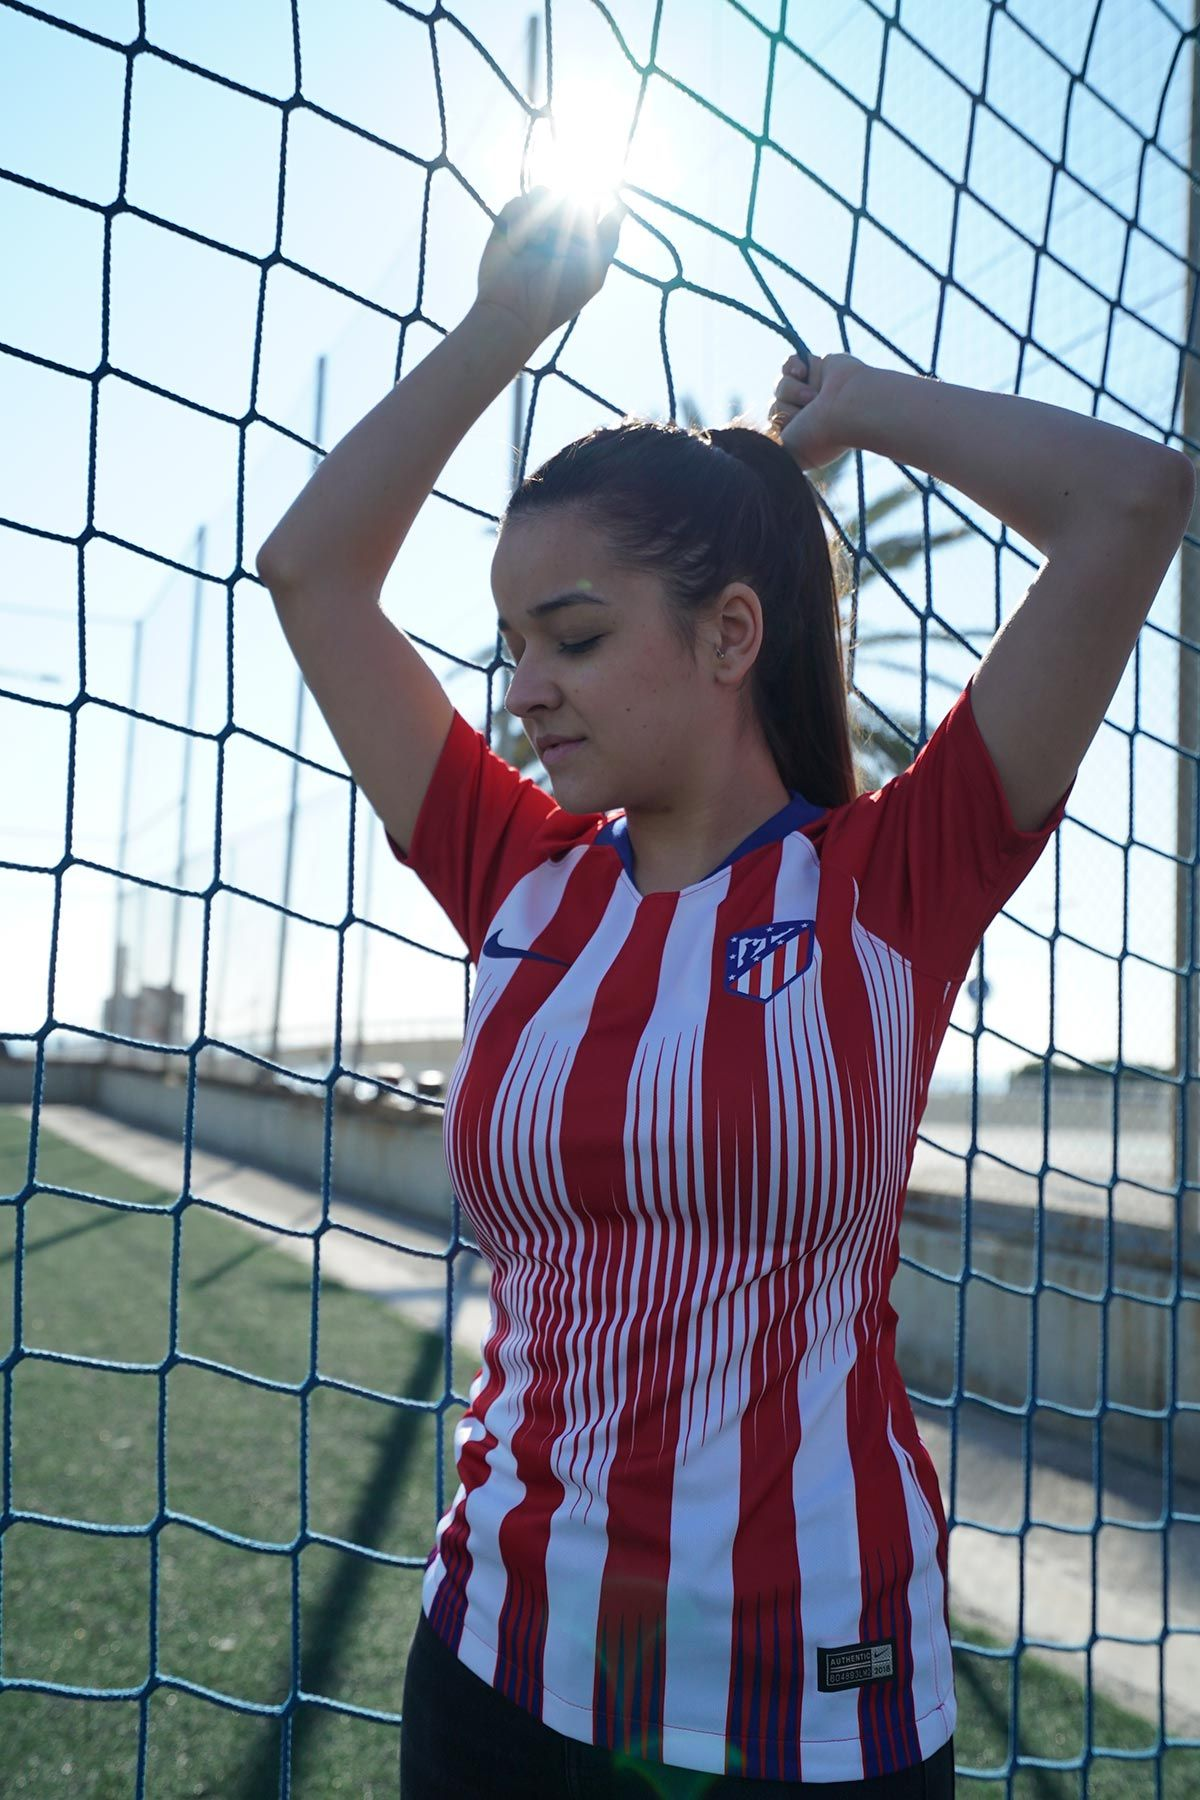 Camiseta mujer primera equipación Atlético Madrid 2018 - 2019 - roja    blanca Foto   donforofo (instagram) para  futbolmania 2dd7e951569